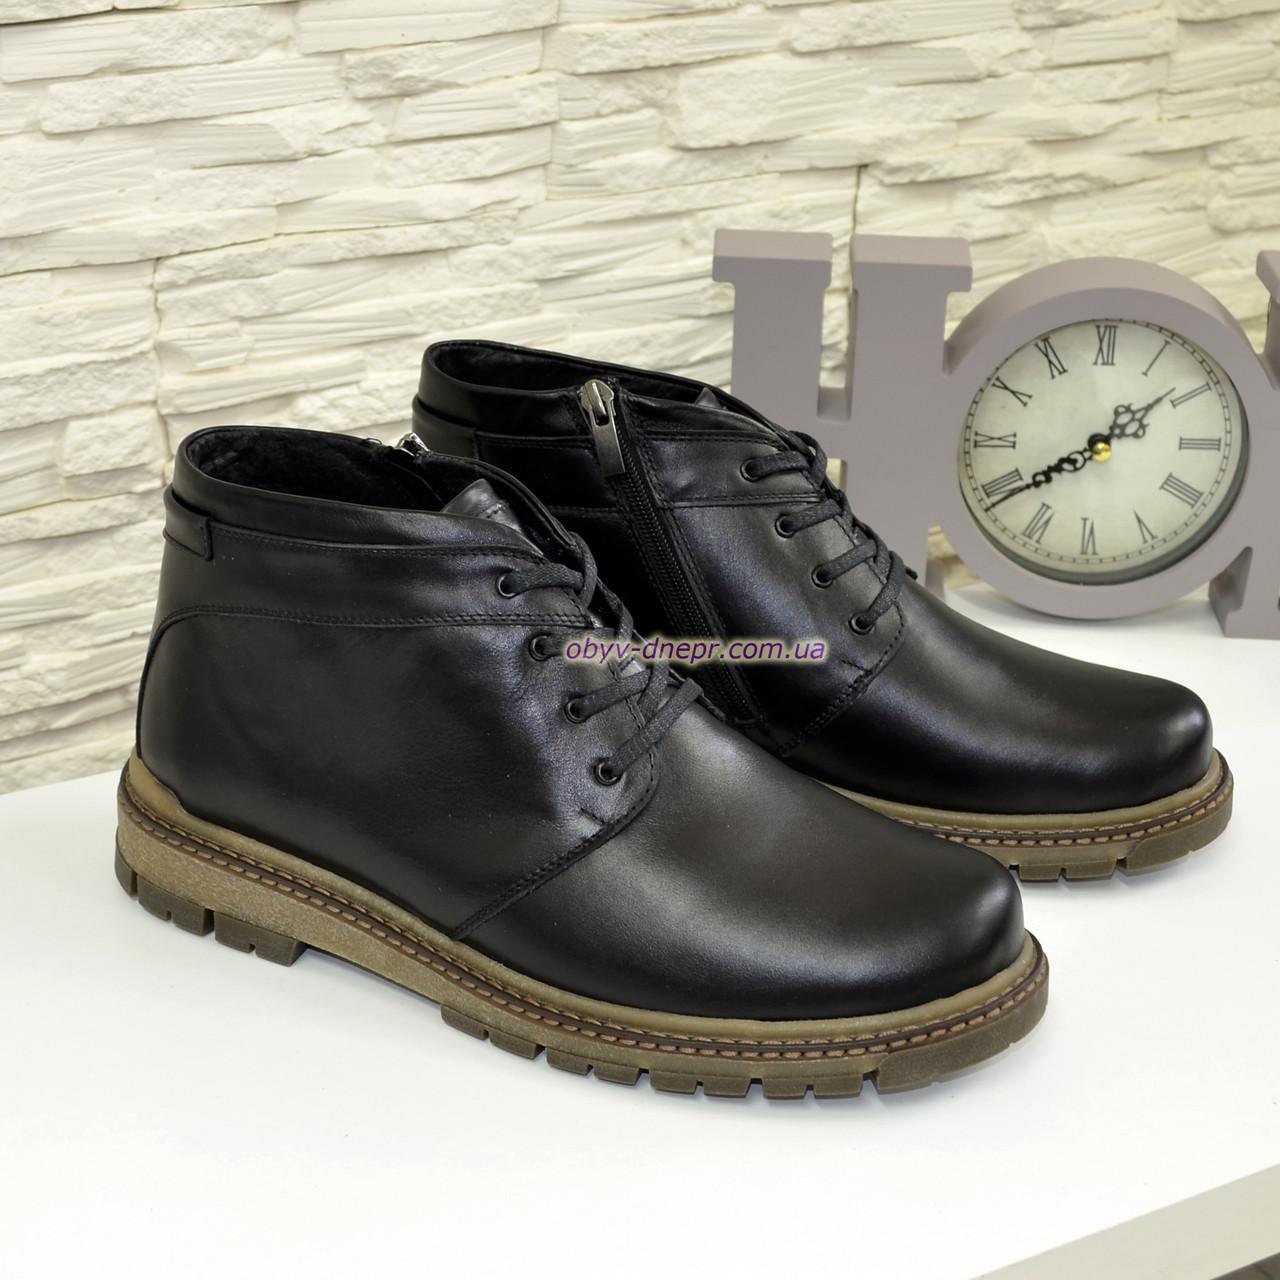 Ботинки кожаные мужские на шнуровке, цвет черный